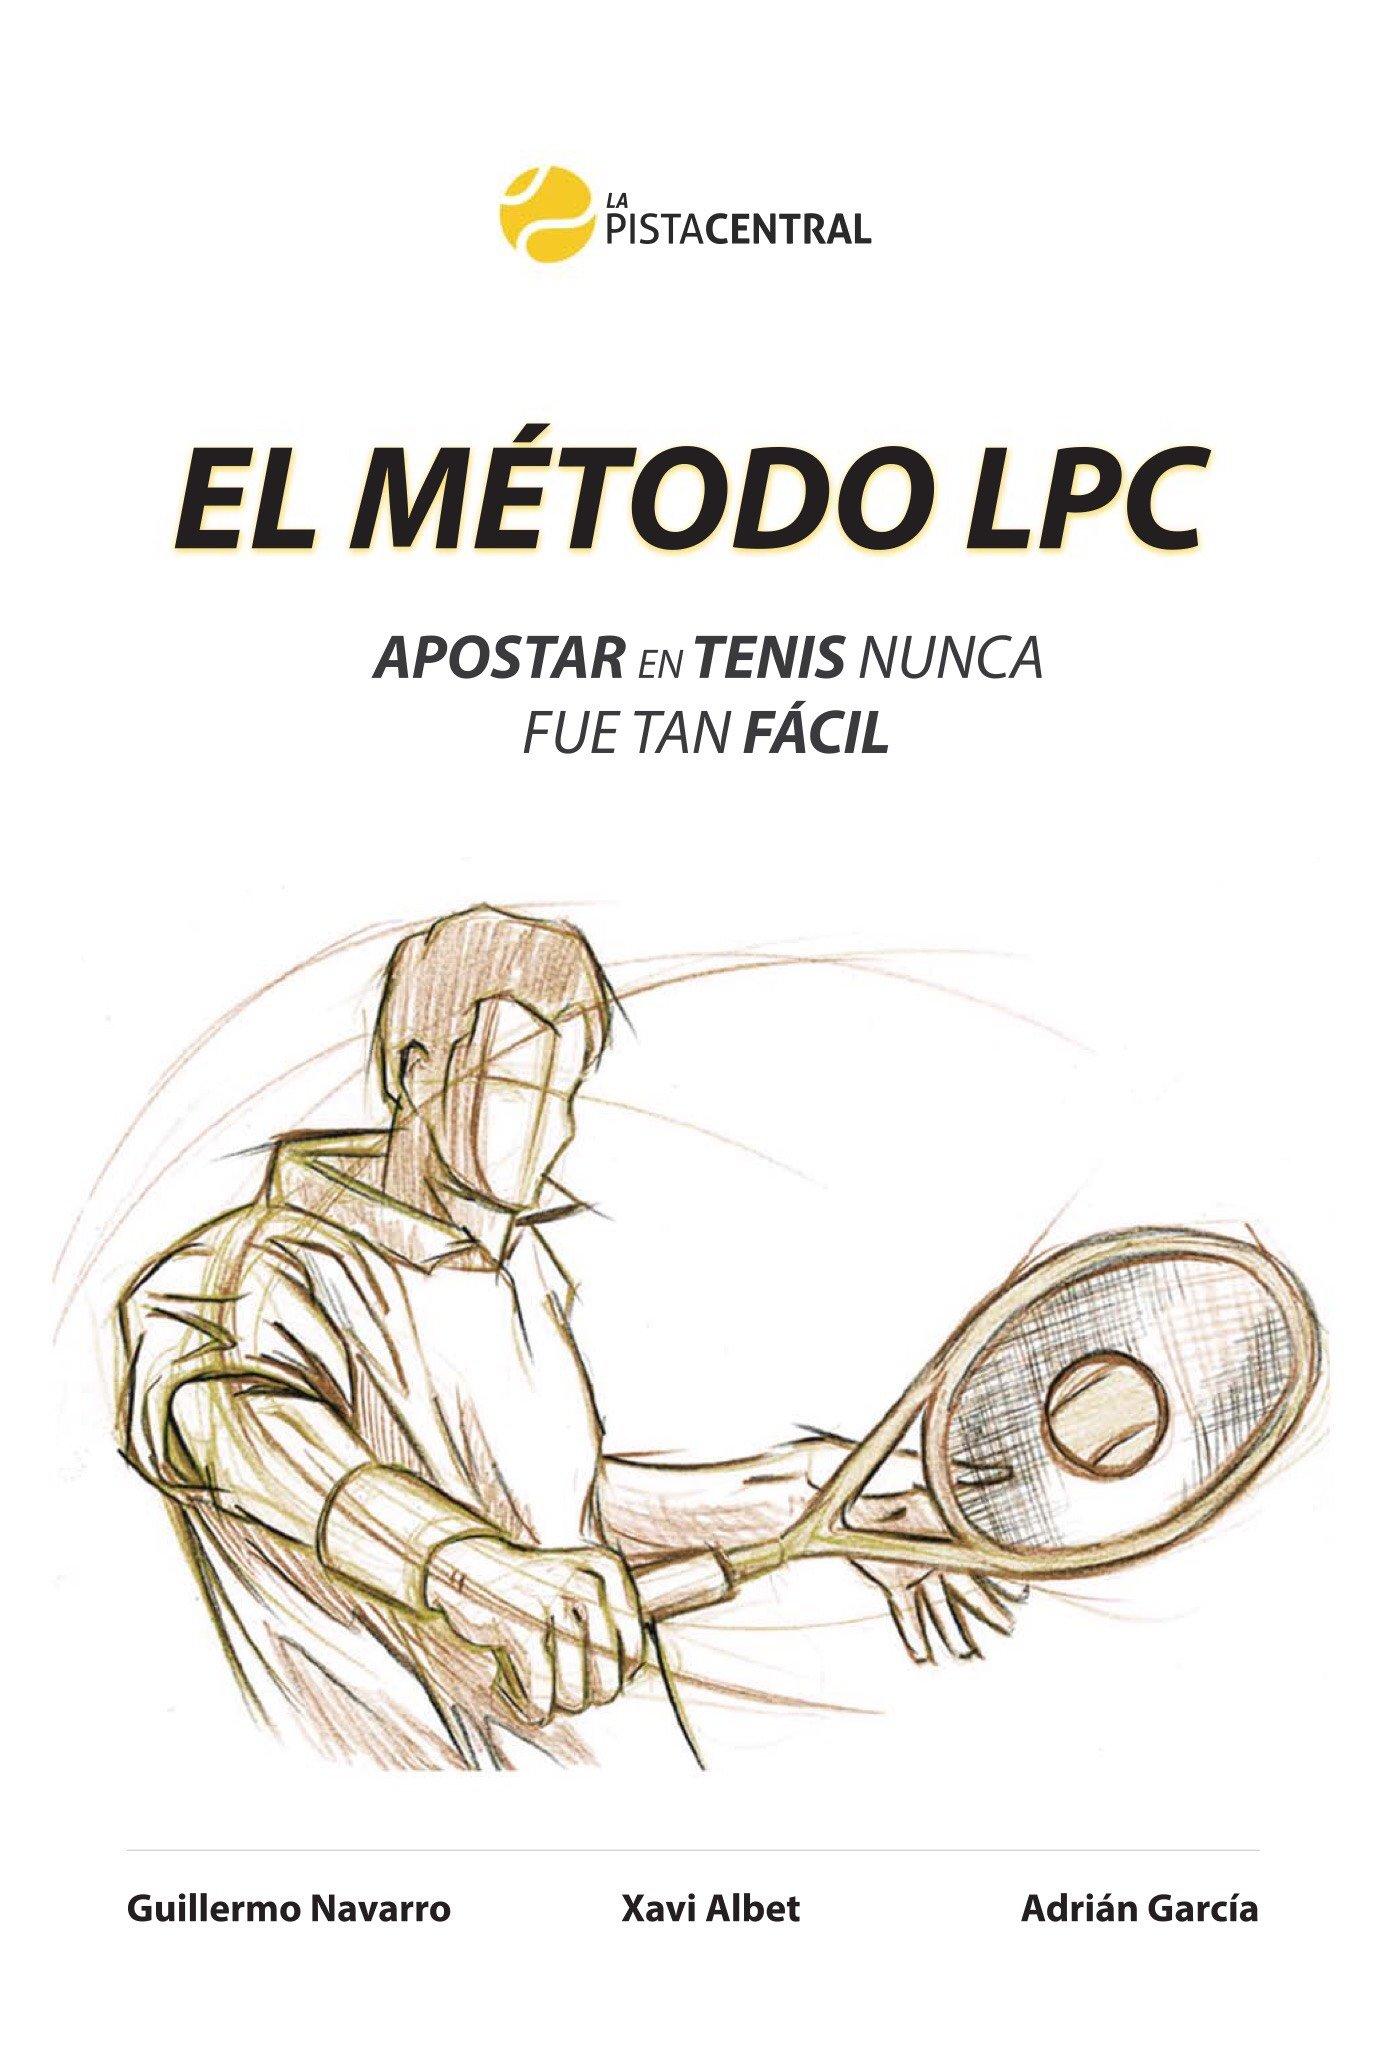 El Método LPC - Apostar en Tenis nunca fue tan fácil